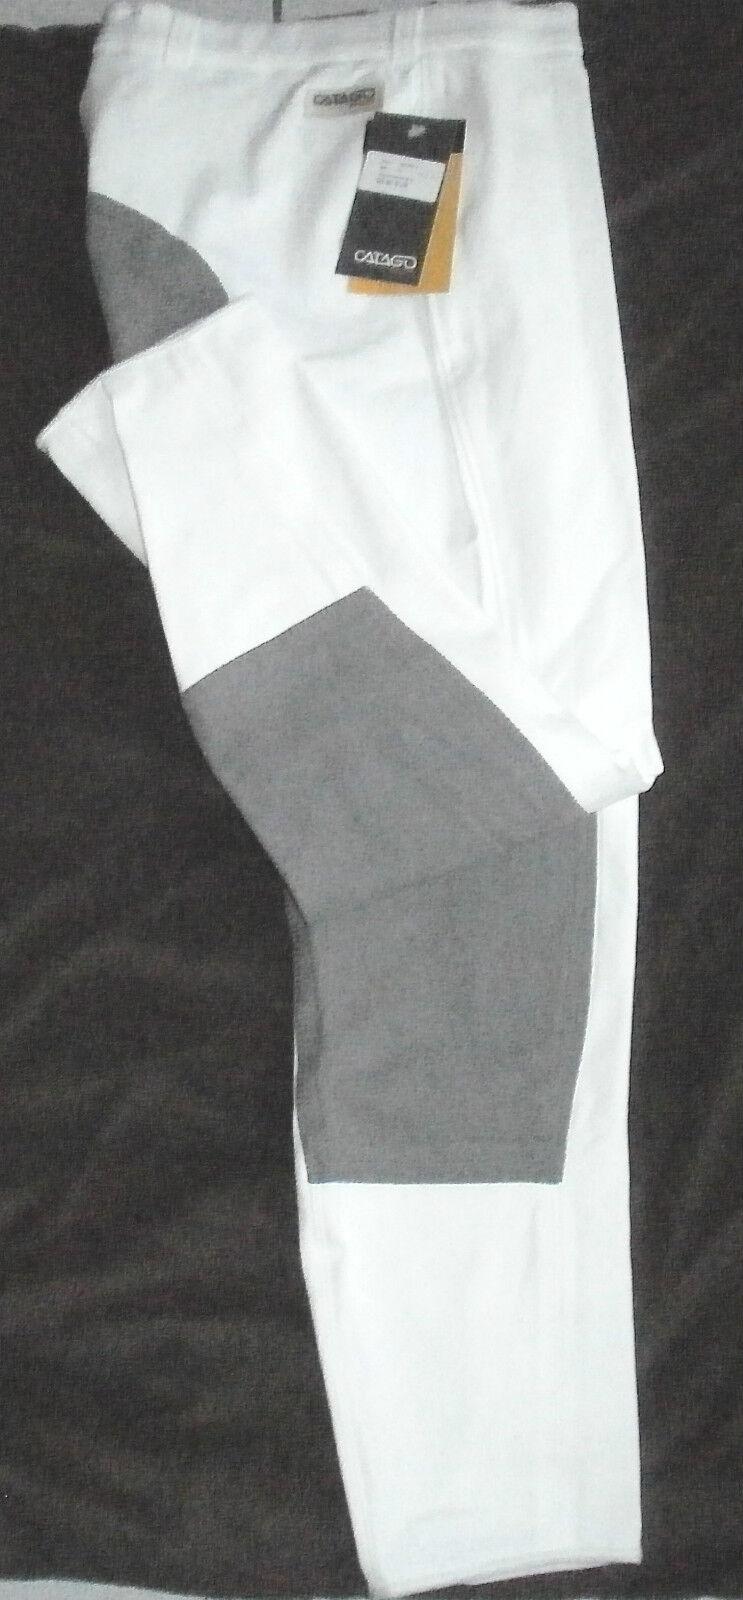 Catago Bambini Pantaloni Montala, 3/4 guarnizione in in in pieno, Bianco, Tg. 152sl, guarnizione in grigio scuro, (1202) 3520e4